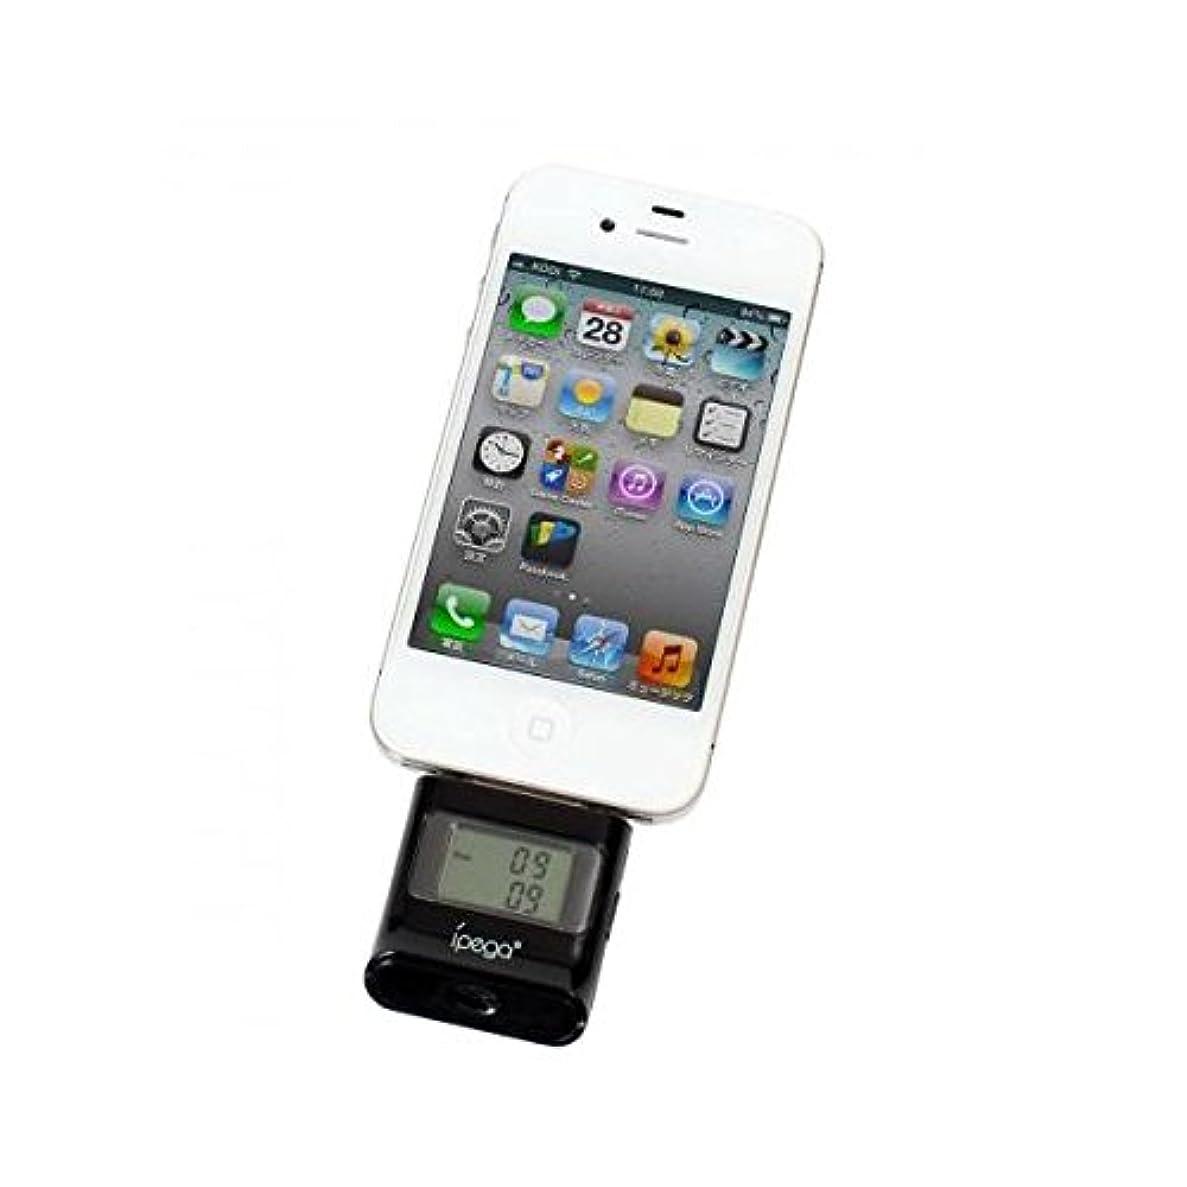 故障中意味のあるバスタブ(まとめ)サンコー iPhone4用アルコールチェッカー RAMA12G28【×3セット】 ds-1624750